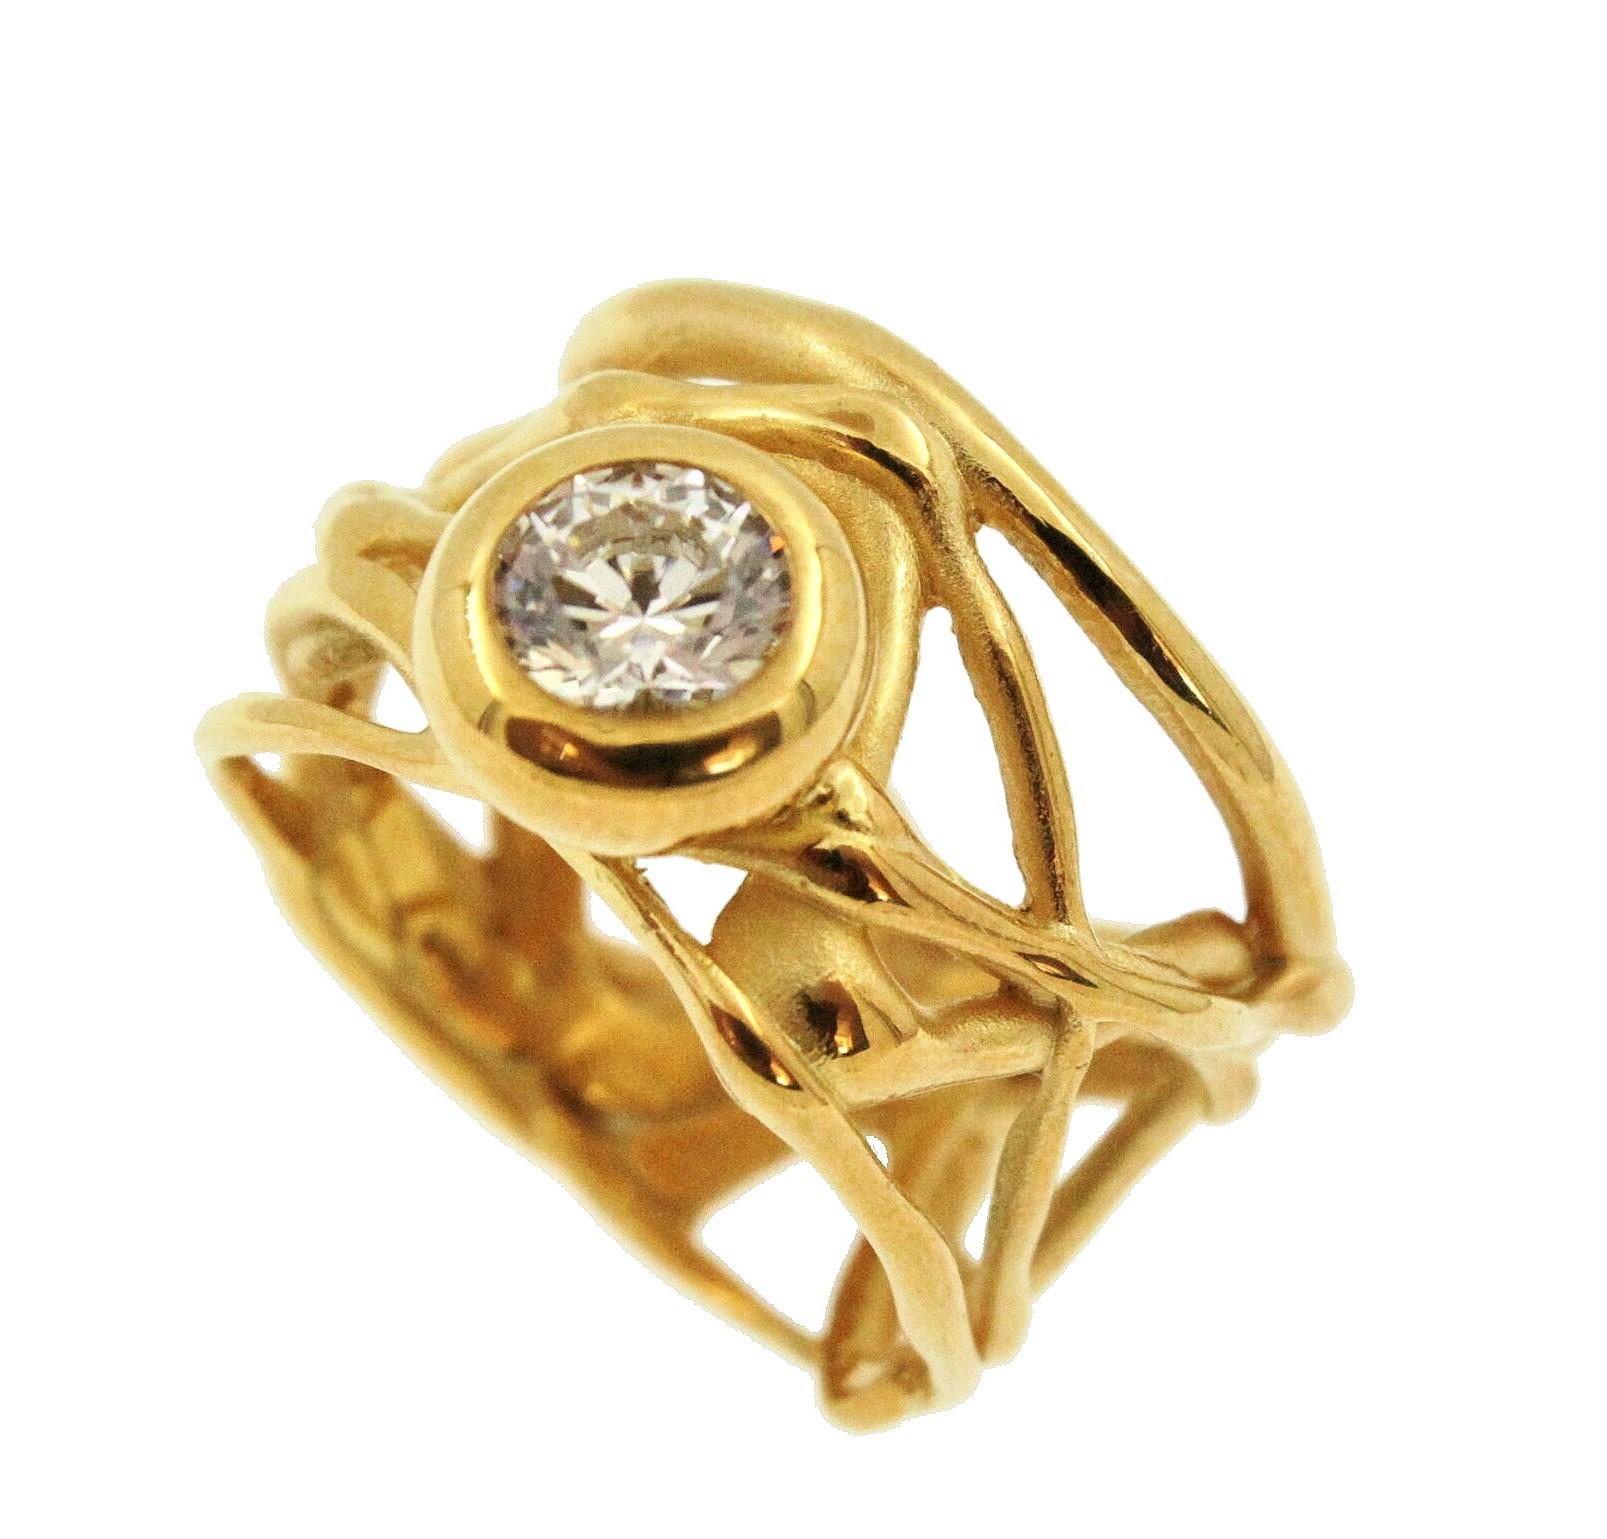 Ring Silber vergoldet Zirkonia reine Handarbeit, gerne fertigen wir das Modell auch mit anderen Steinen an.